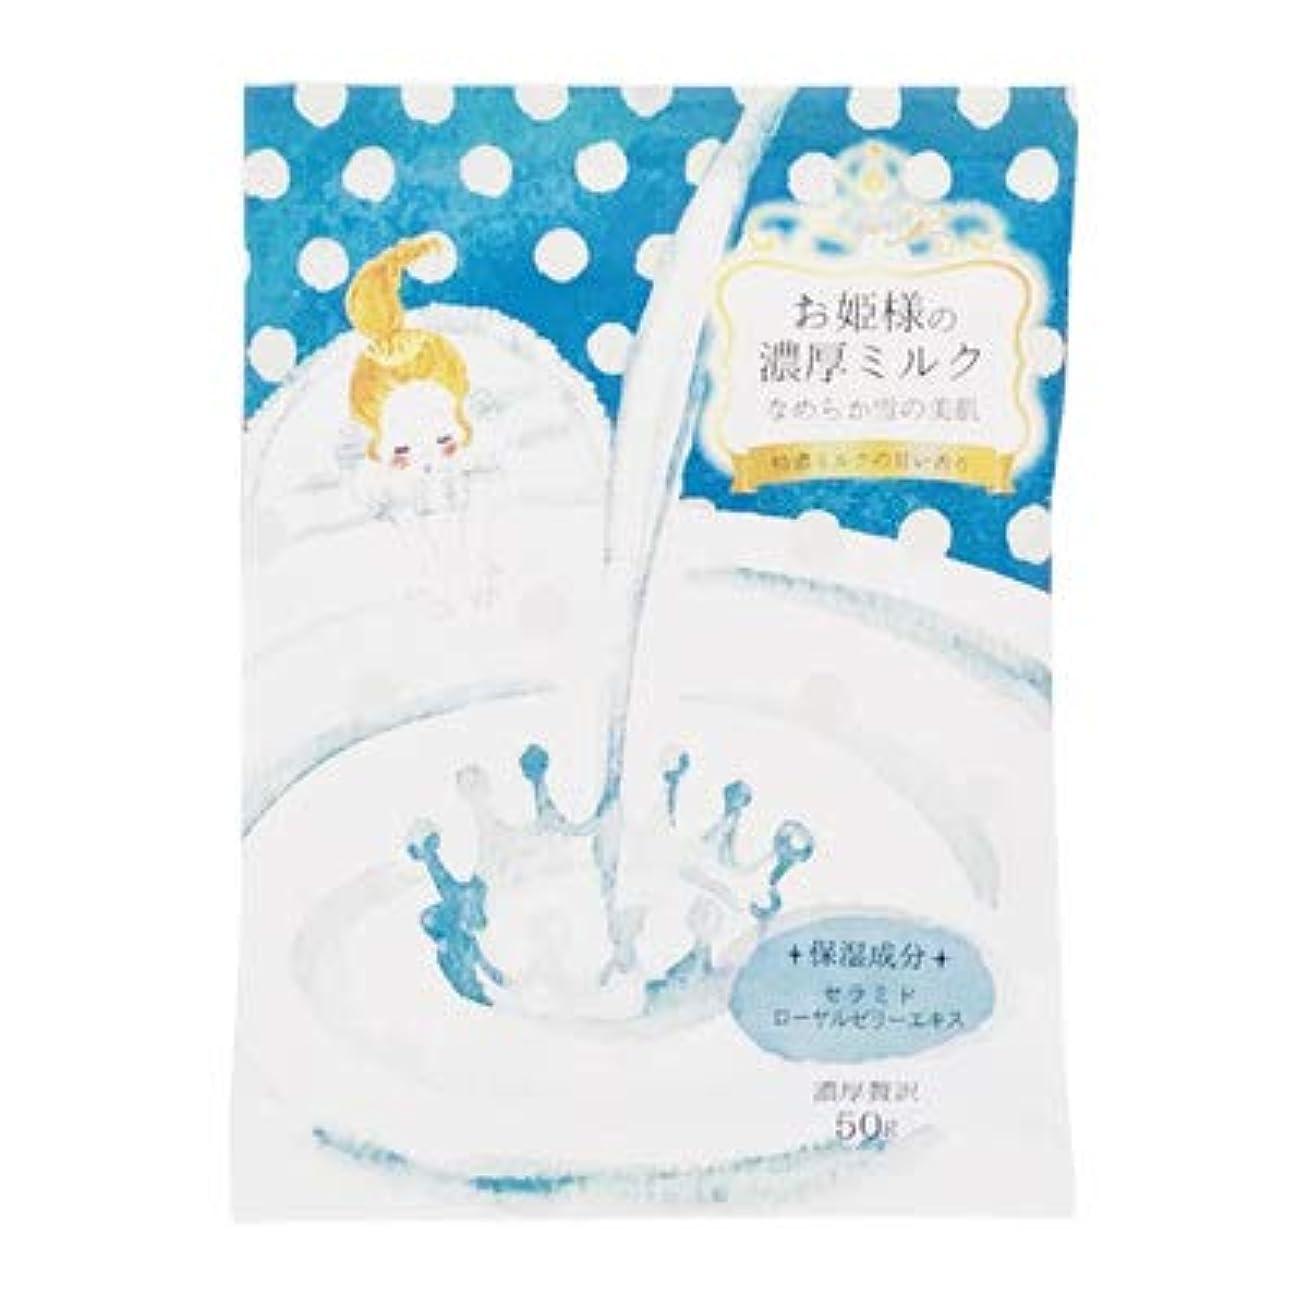 オリエントバングラデシュ余暇【まとめ買い3個セット】 お姫様風呂 濃厚ミルク